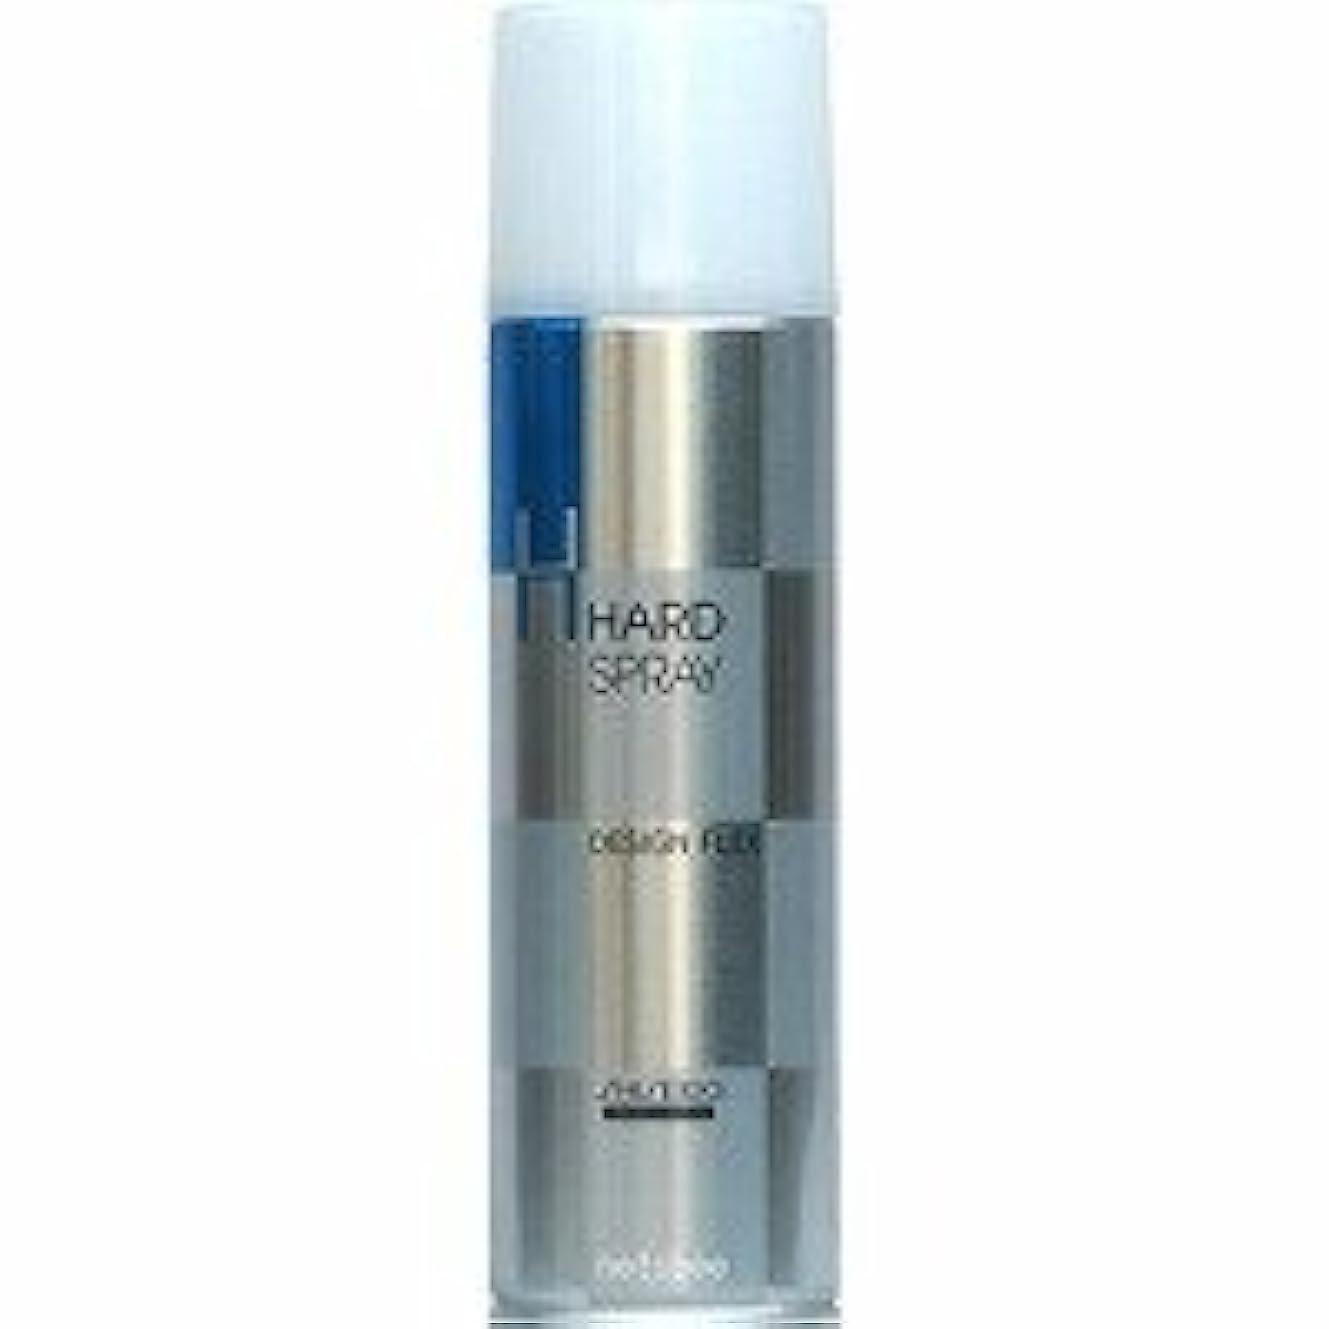 地上の繊維コーラス【X3個セット】 資生堂プロフェッショナル デザインフレックス ハードスプレー 260g shiseido PROFESSIONAL